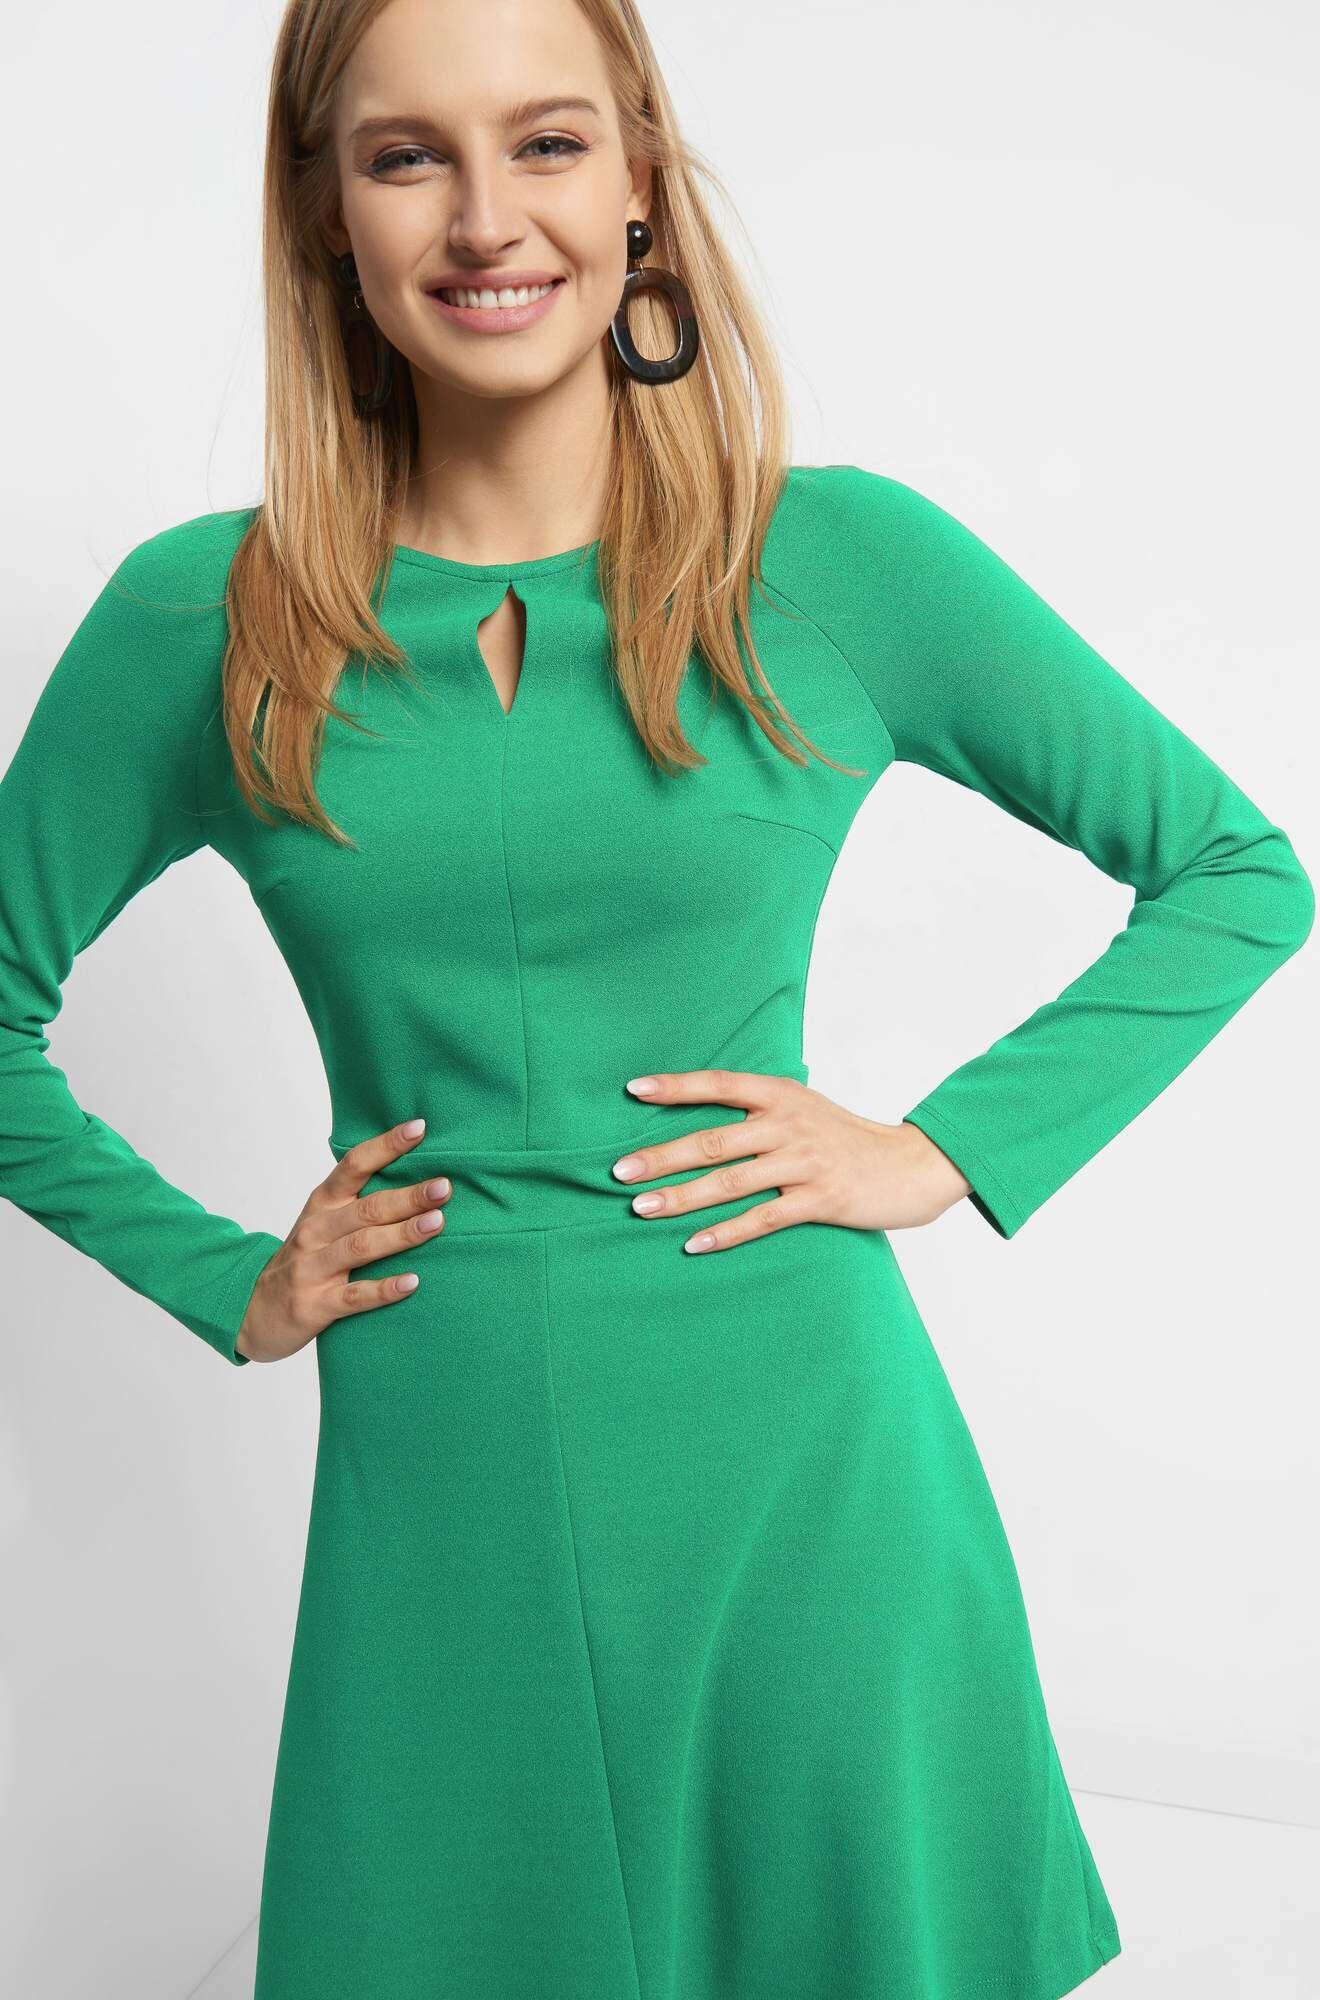 20 Einzigartig Schöne Kleider Online Kaufen Vertrieb13 Schön Schöne Kleider Online Kaufen Stylish